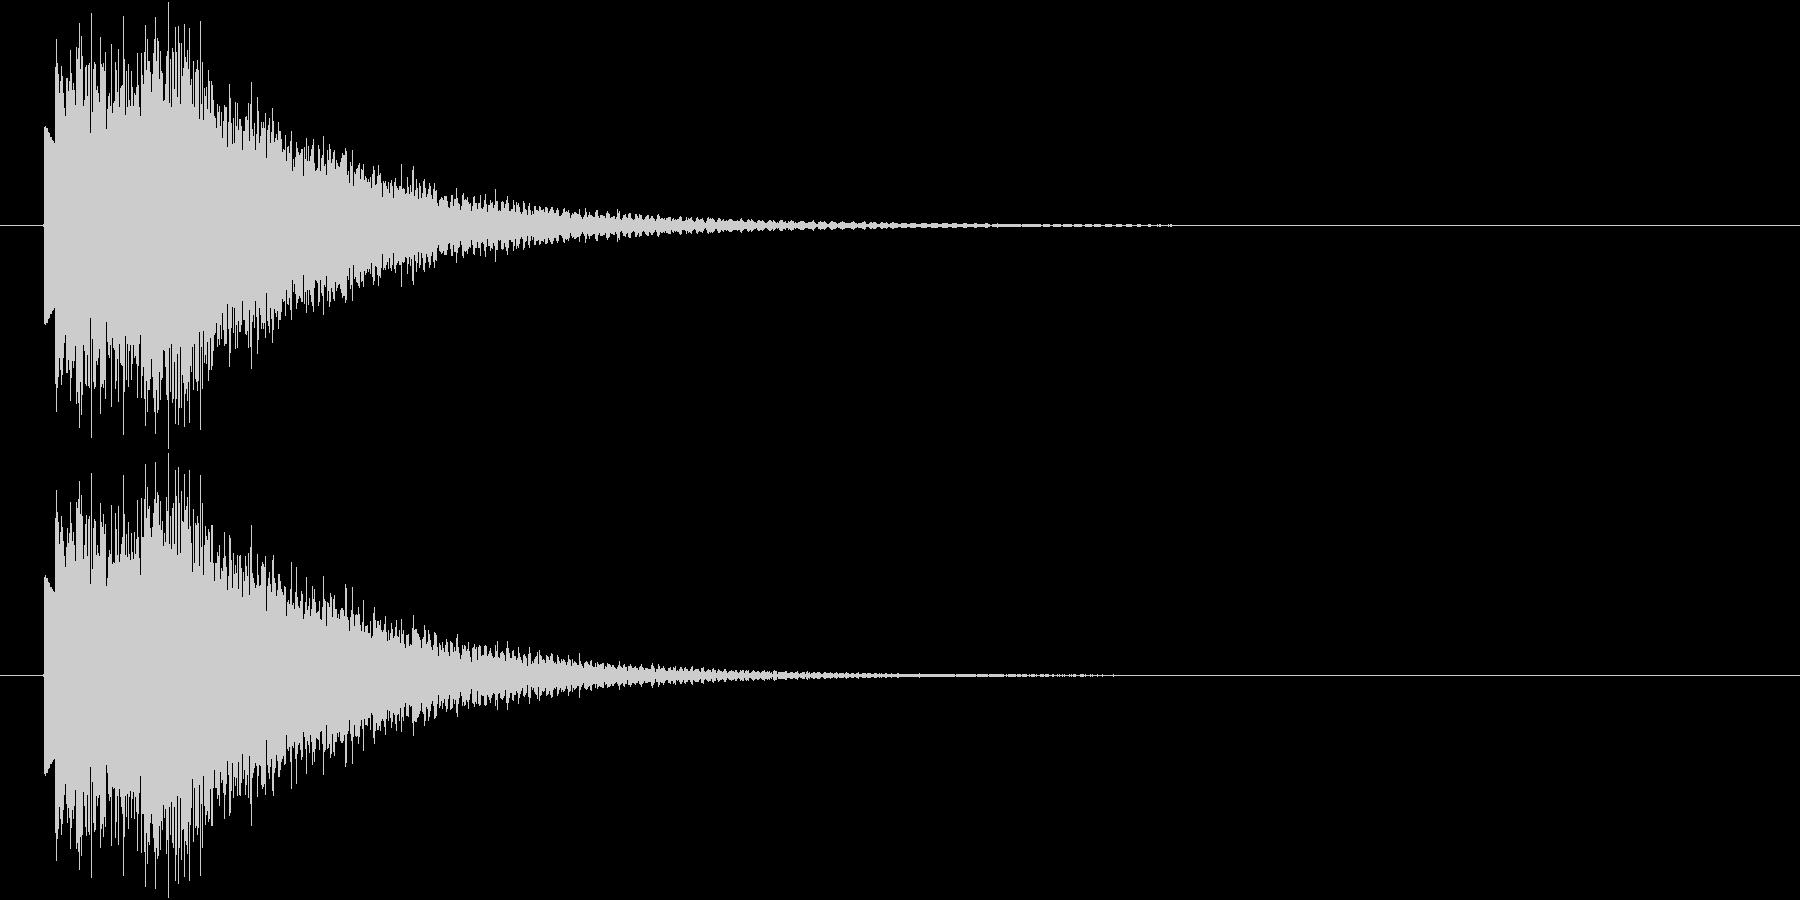 下降するハープシコード音のSEの未再生の波形